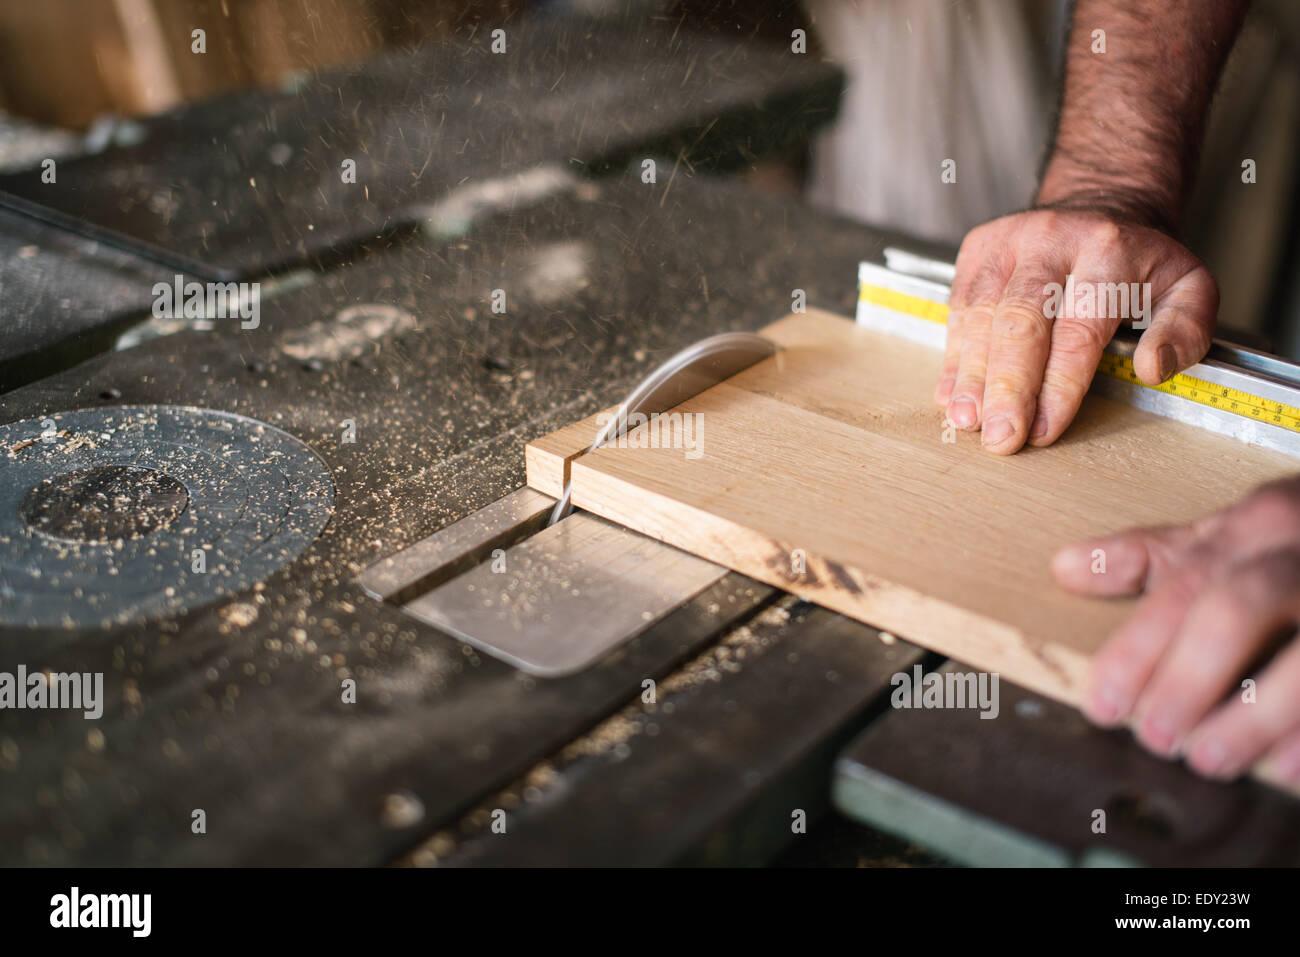 Carpintero trabajando en la sierra circular Imagen De Stock